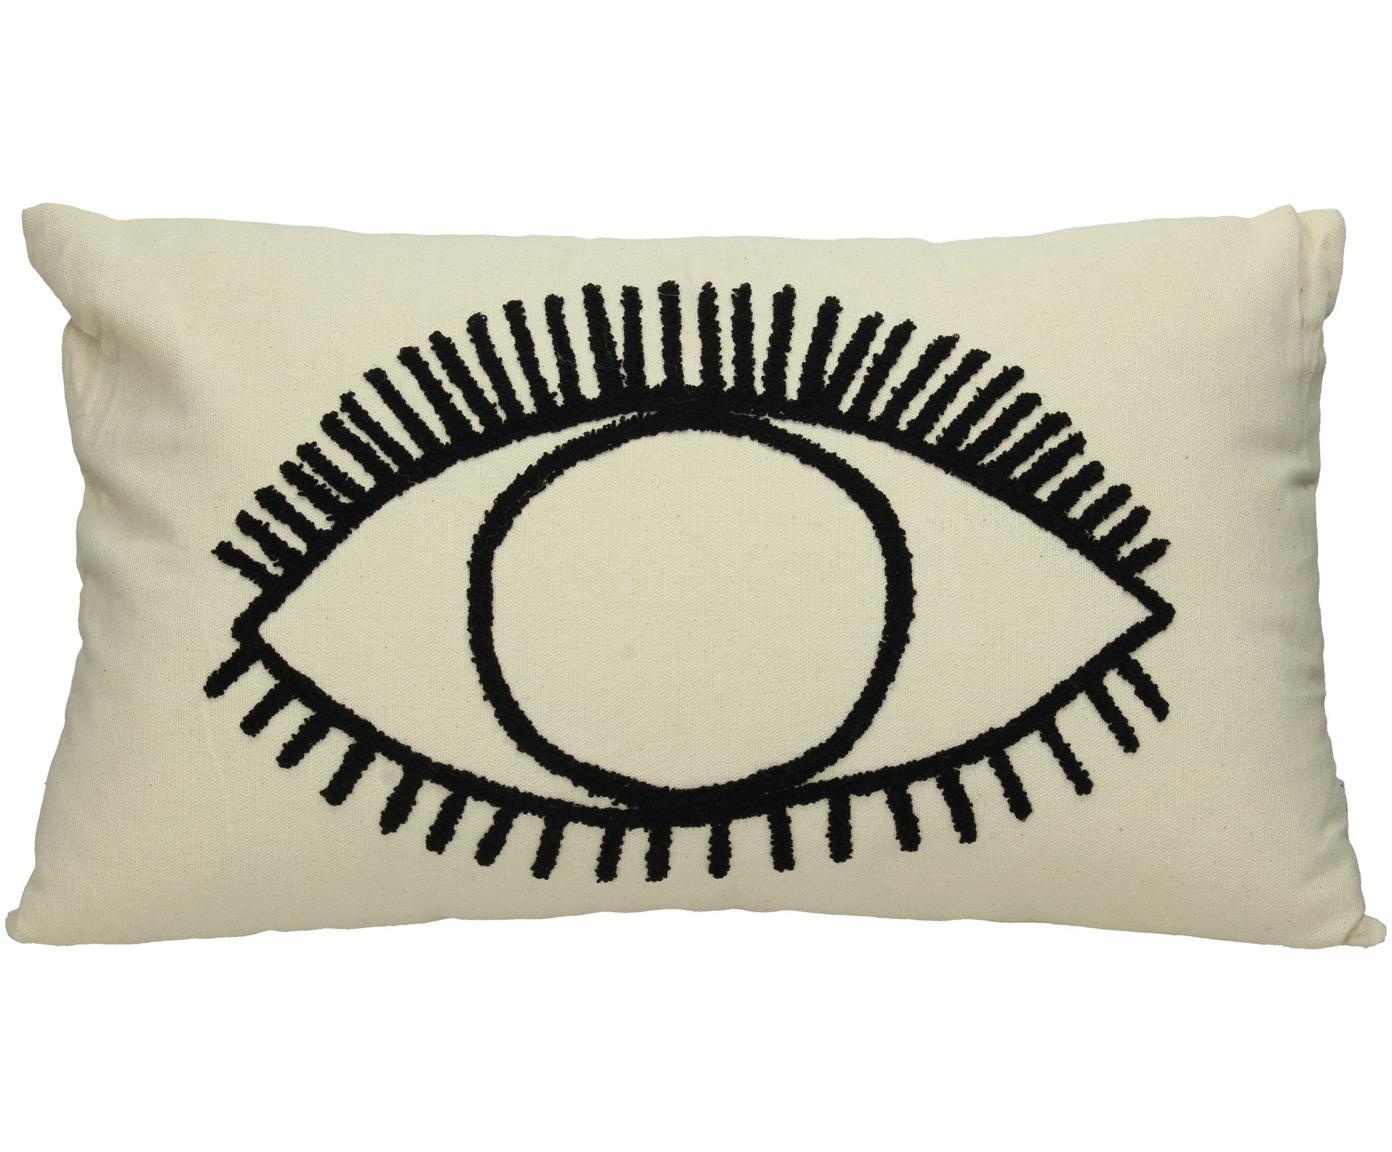 Poduszka z wypełnieniem Eye, Bawełna, Odcienie kości słoniowej, czarny, S 35 x D 50 cm